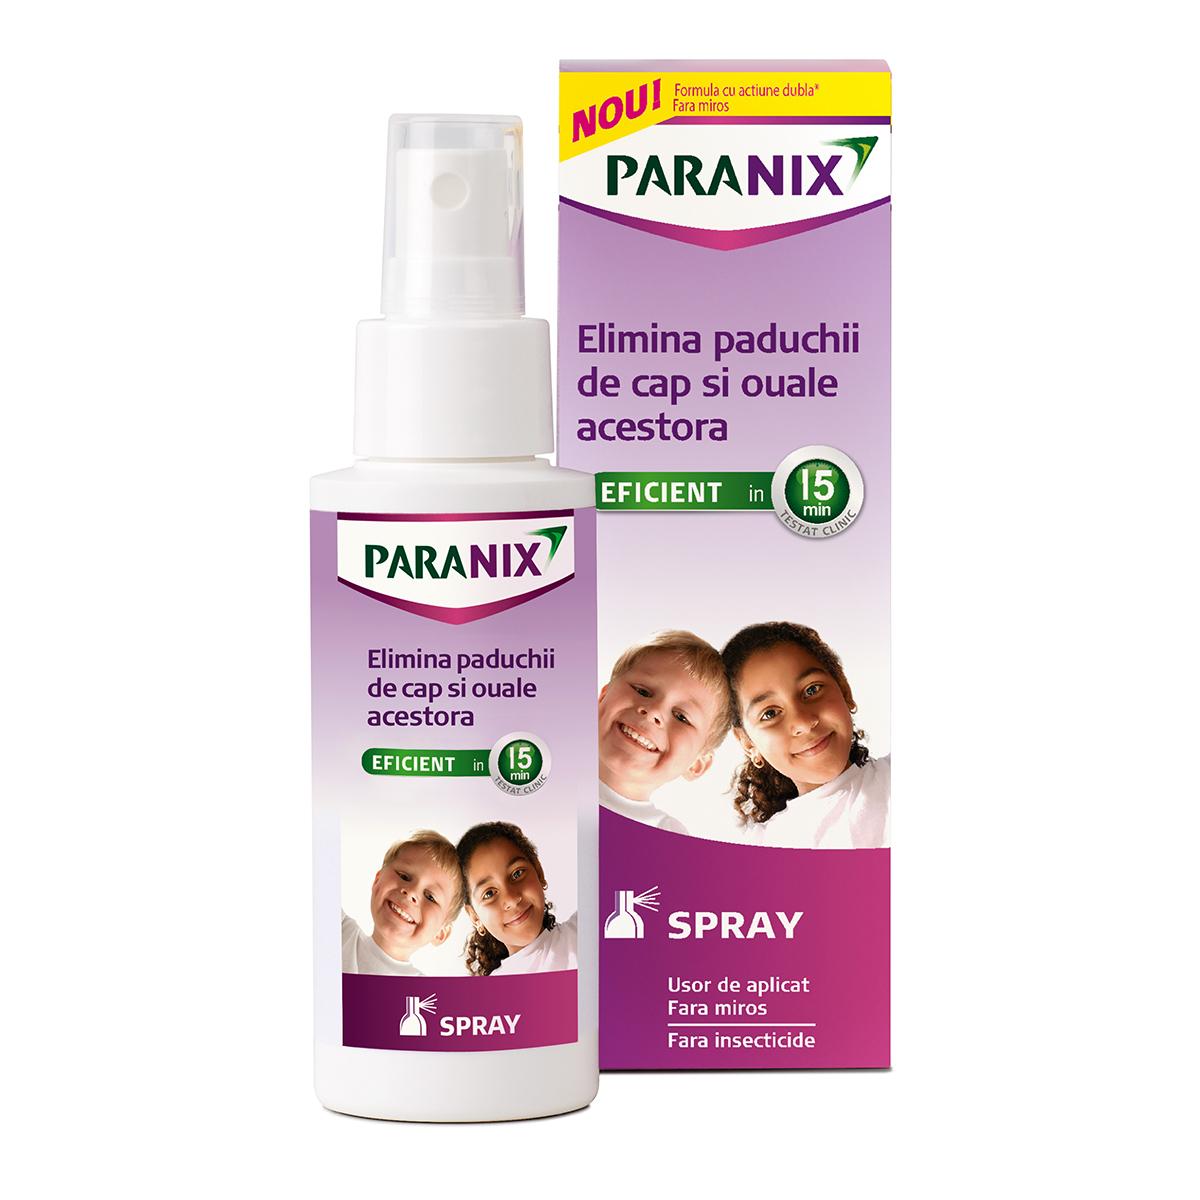 Spray Paranix antipaduchi, 100 ml, Omega Pharma